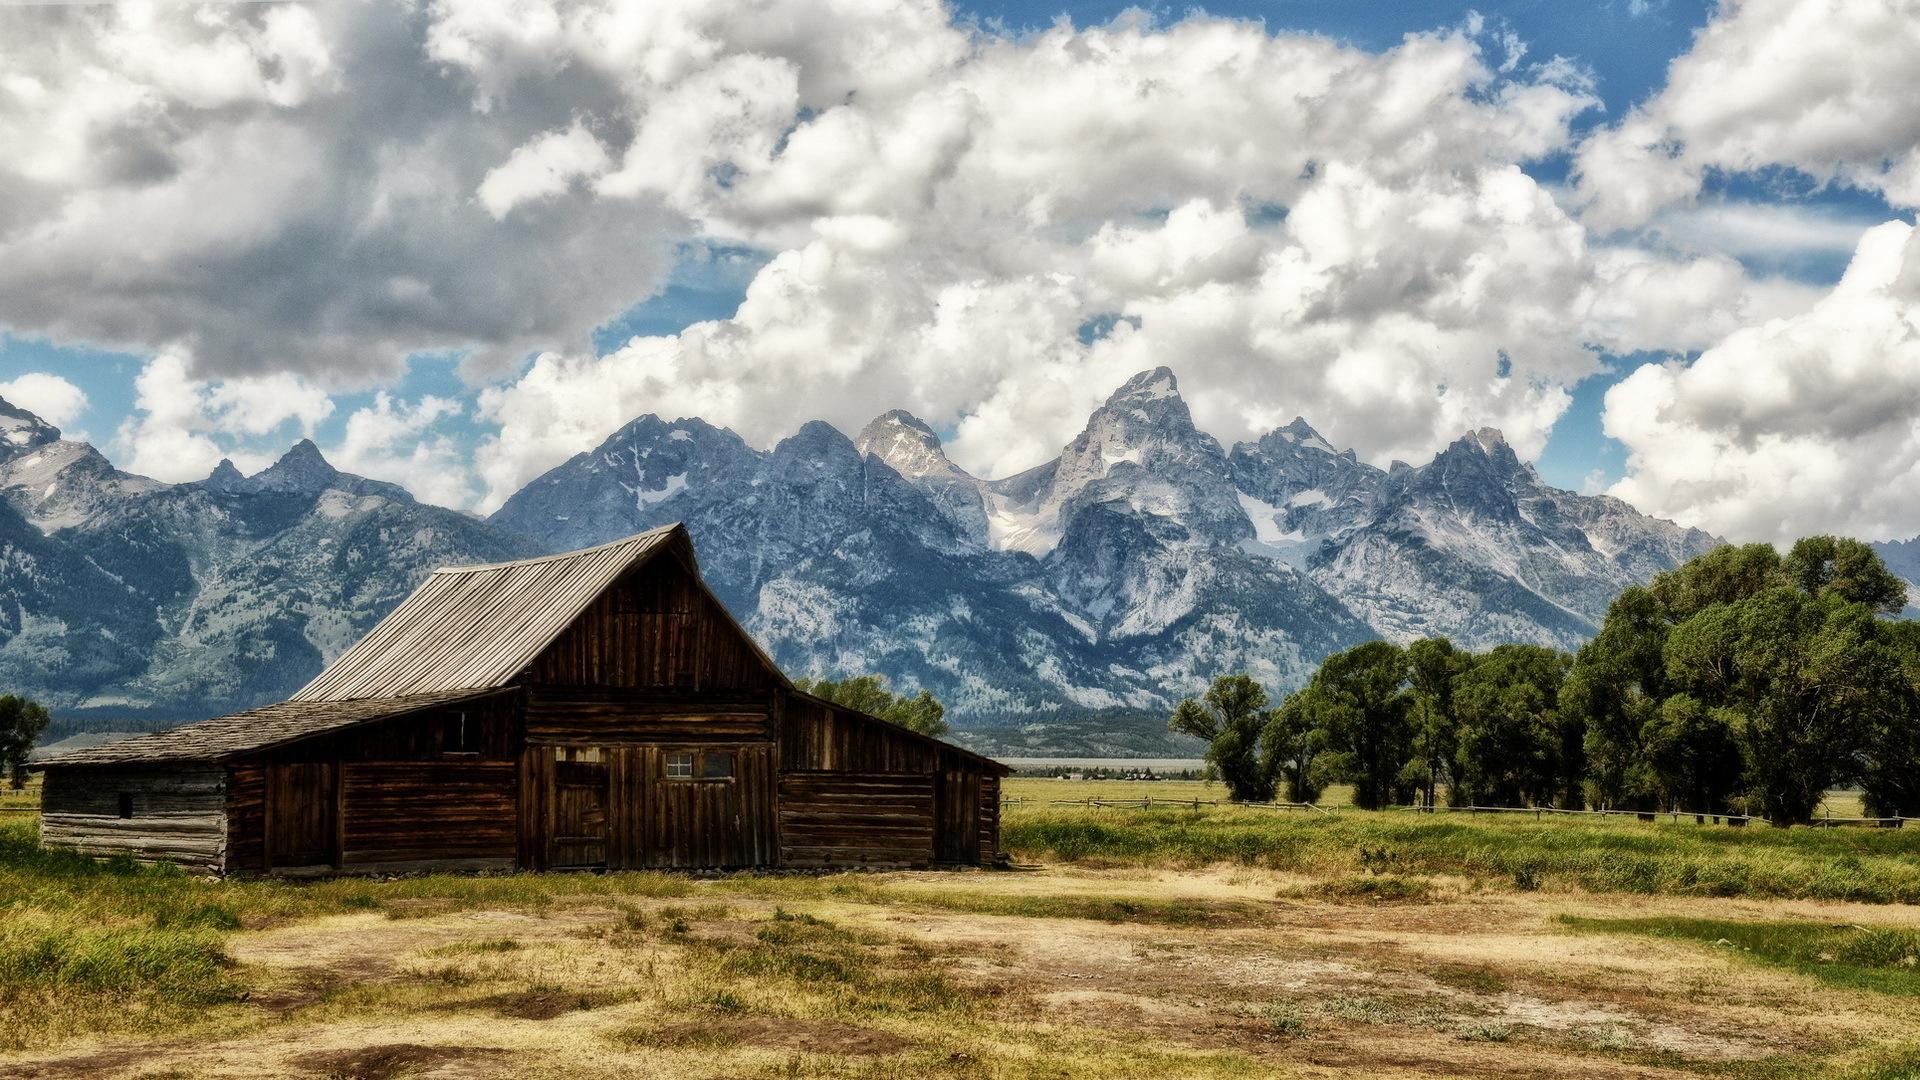 46115 скачать обои Пейзаж, Природа, Дома, Горы - заставки и картинки бесплатно